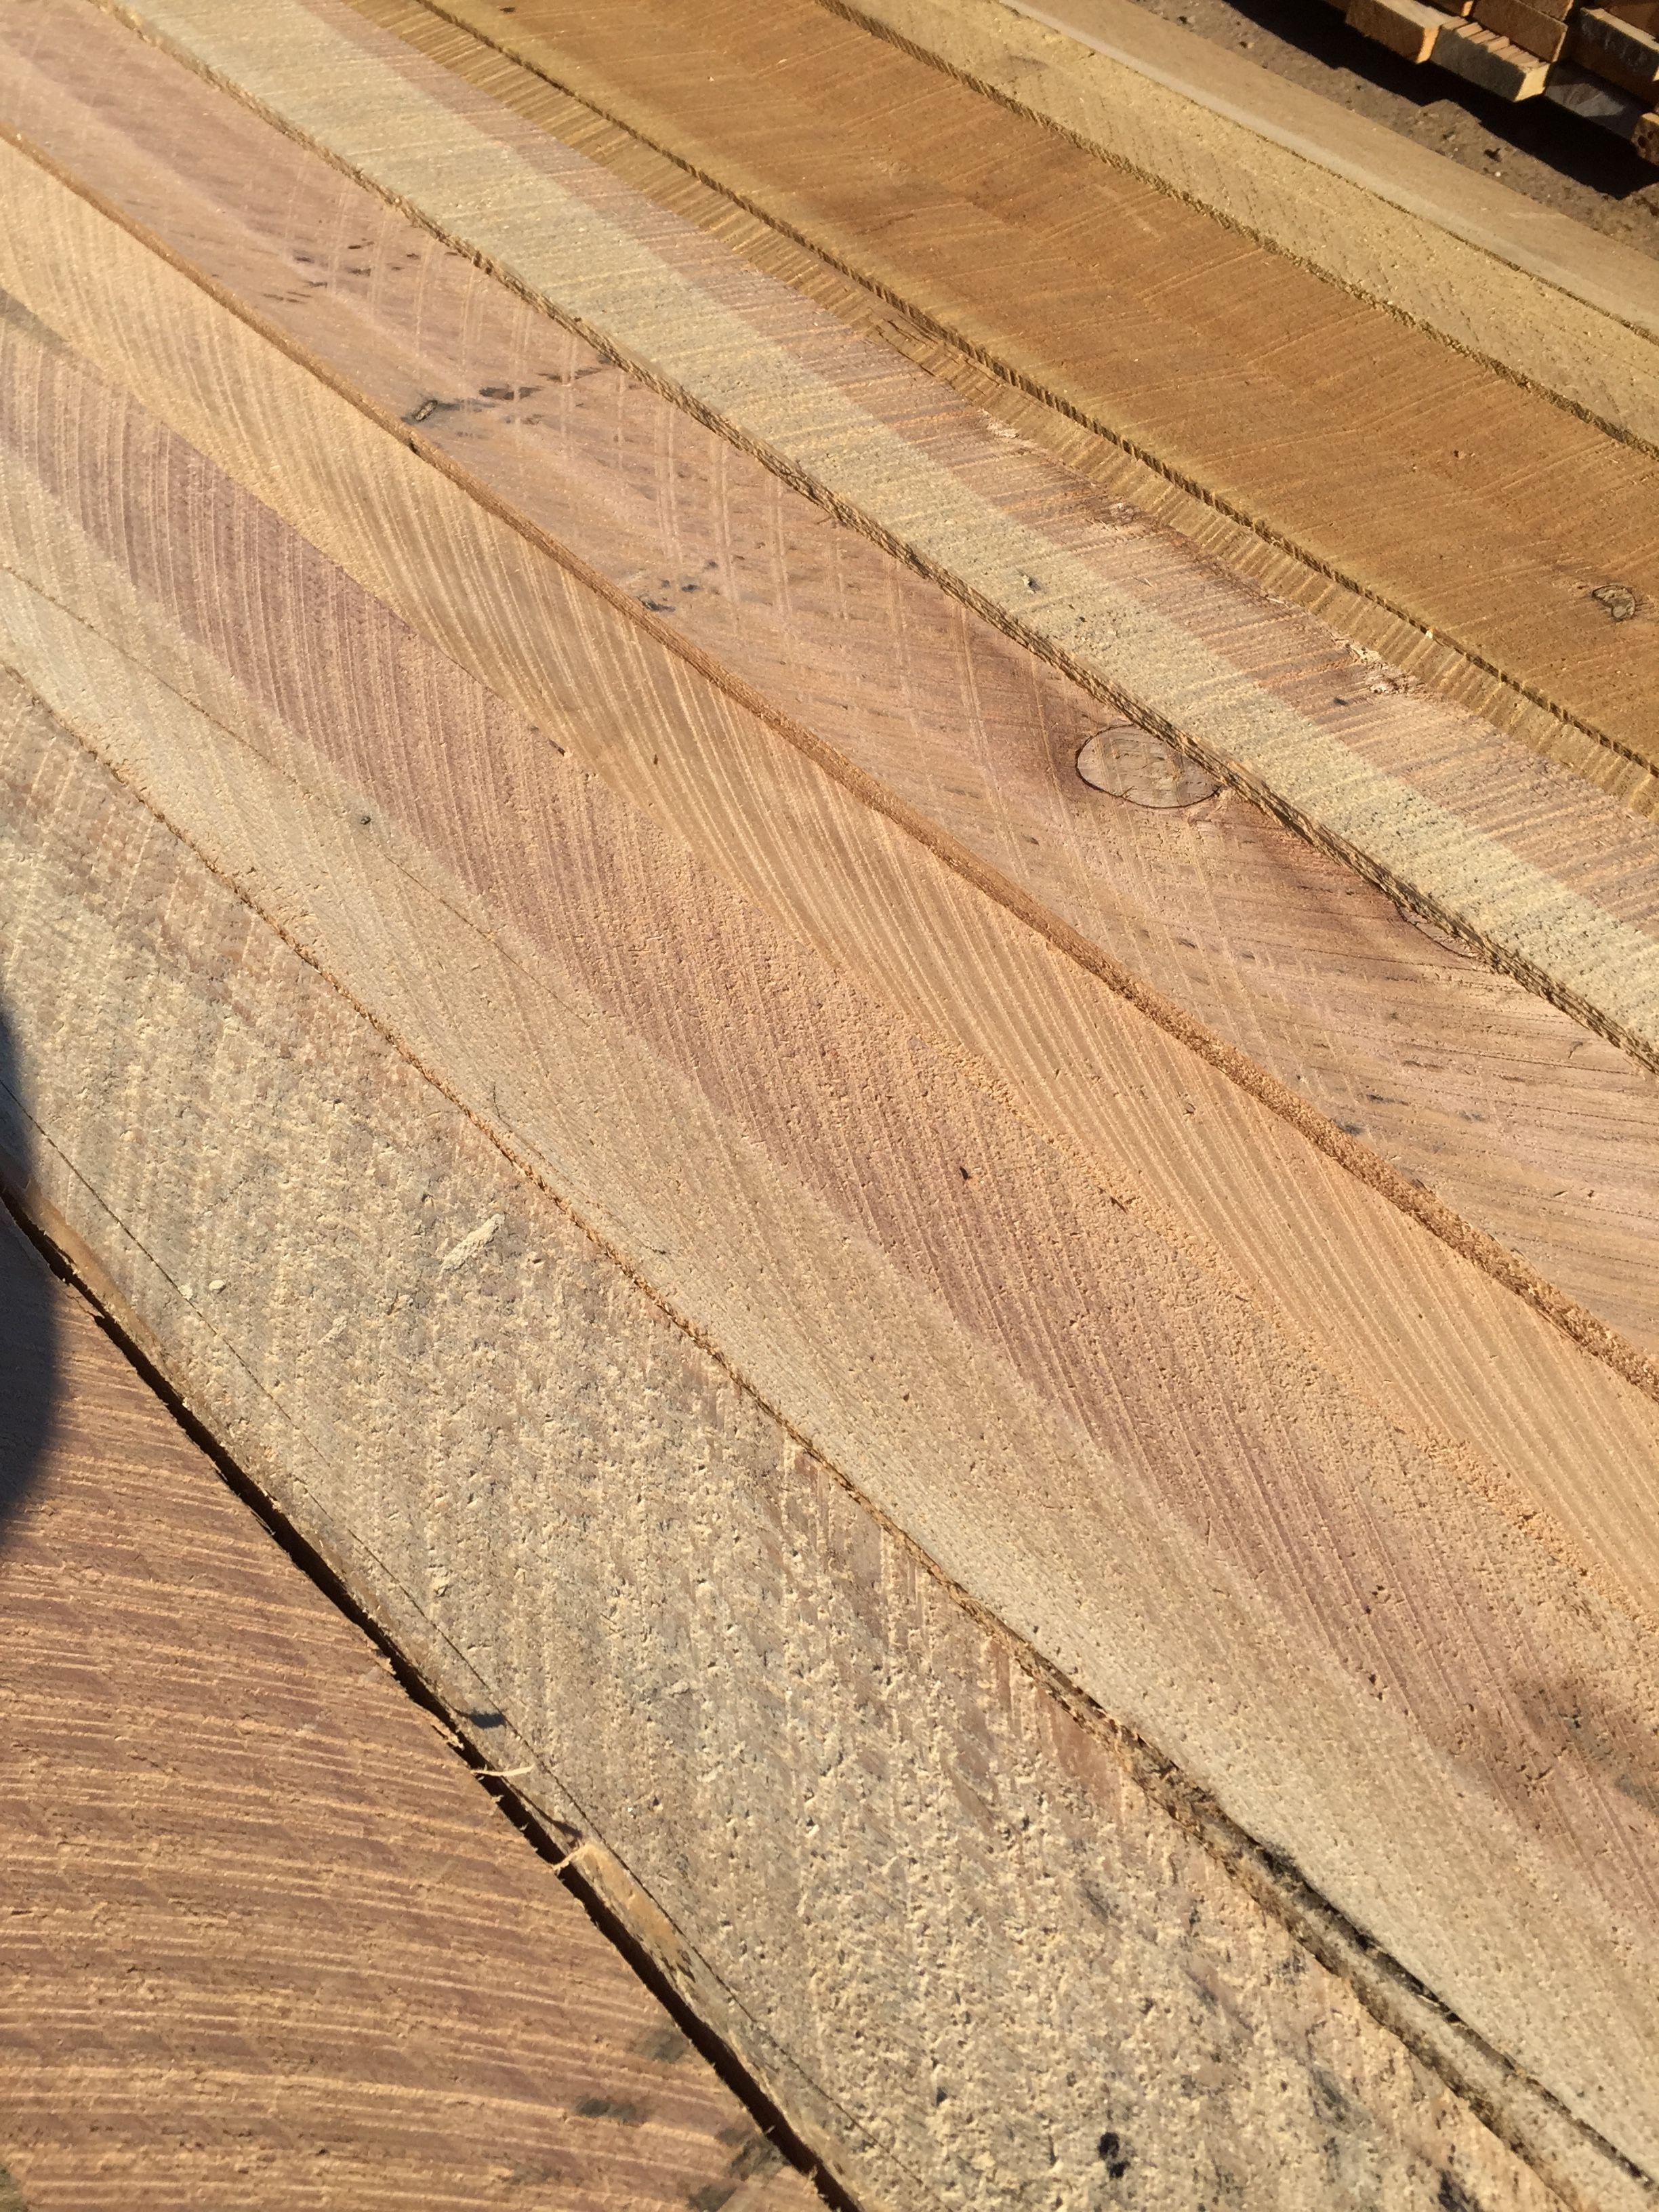 Pin On Incense Cedar Planks Beams Boards